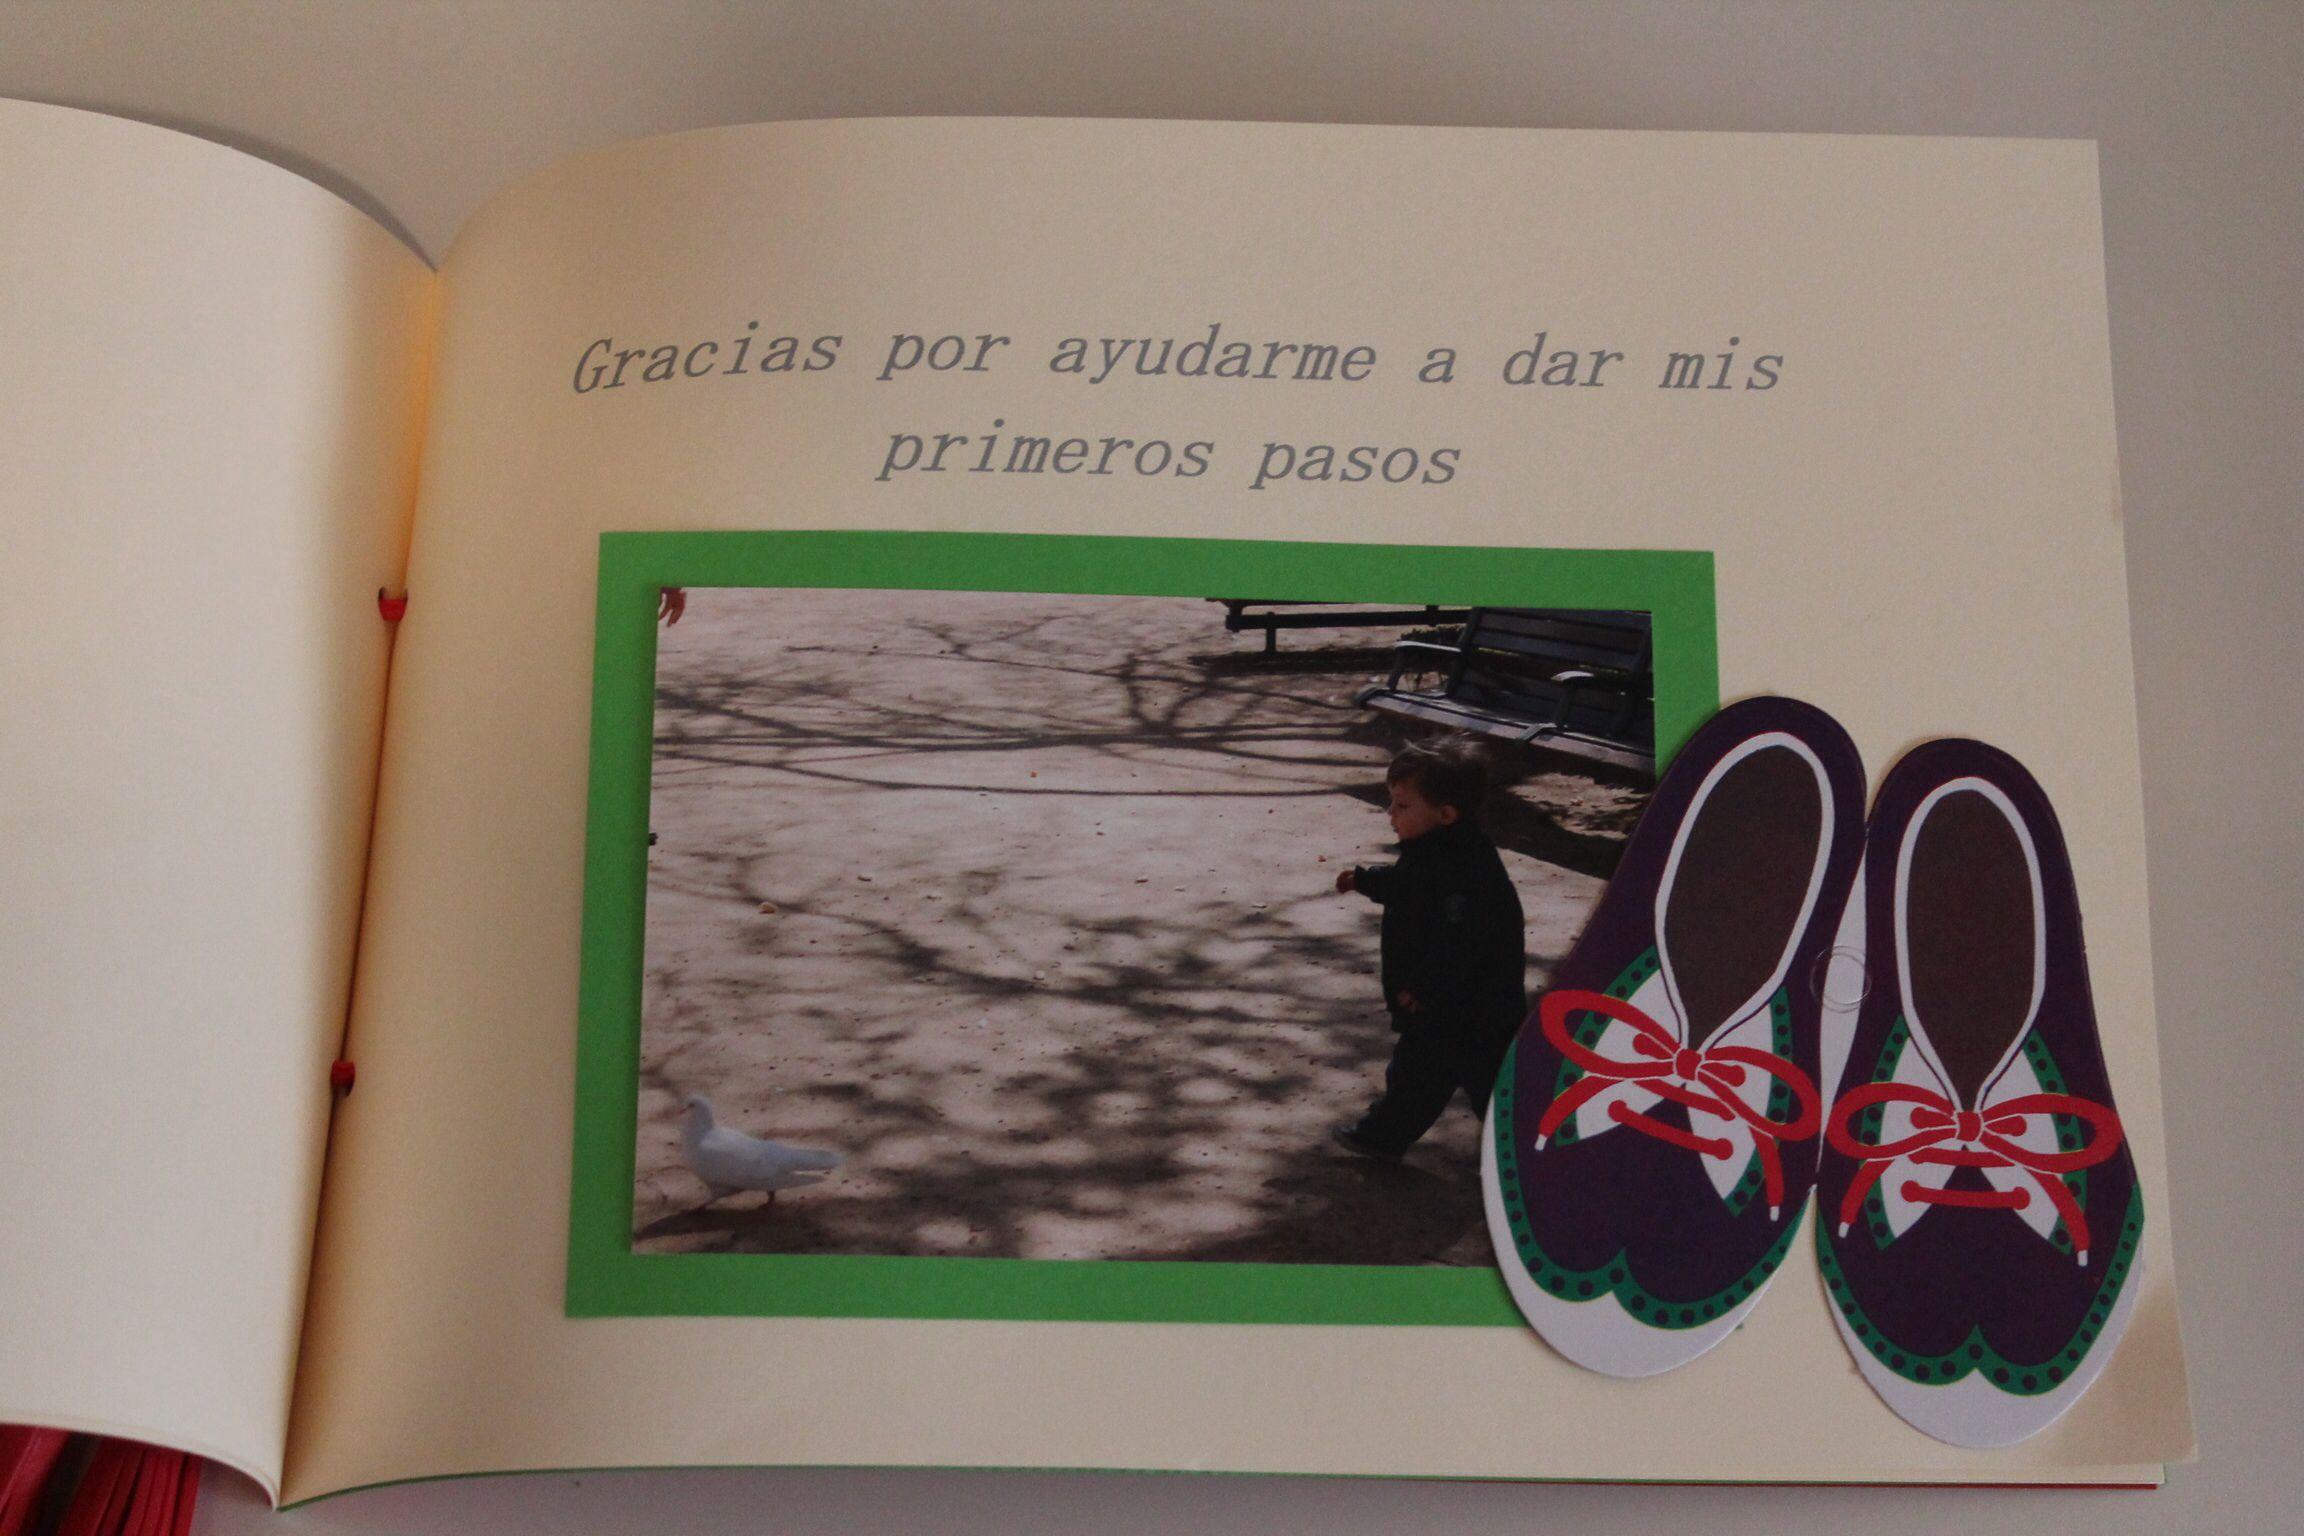 Cuaderno recuerdo by Adrián